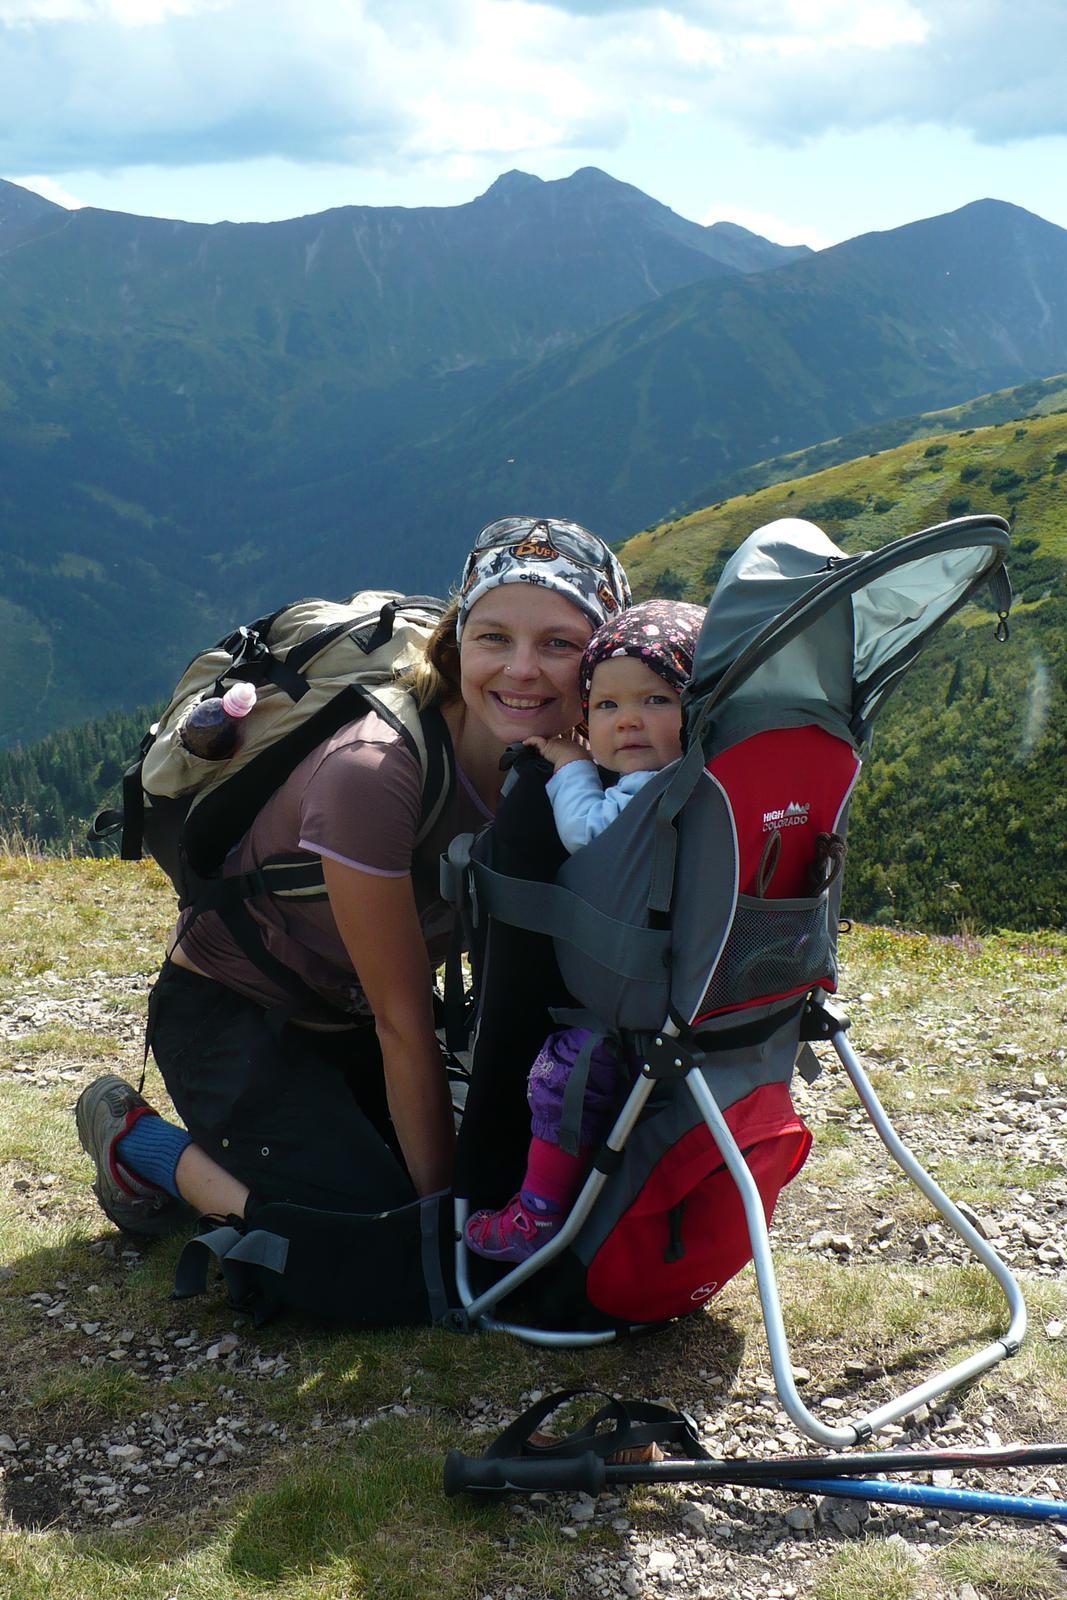 ... batoha a aj dieťa má nastaviteľné popruhy aj sedenie.Nosnosť je do  20kg. http   vaky-a-nosice-deti.heureka.sk high-color... a tu je foto s  našou ... a6b5b4eeb68